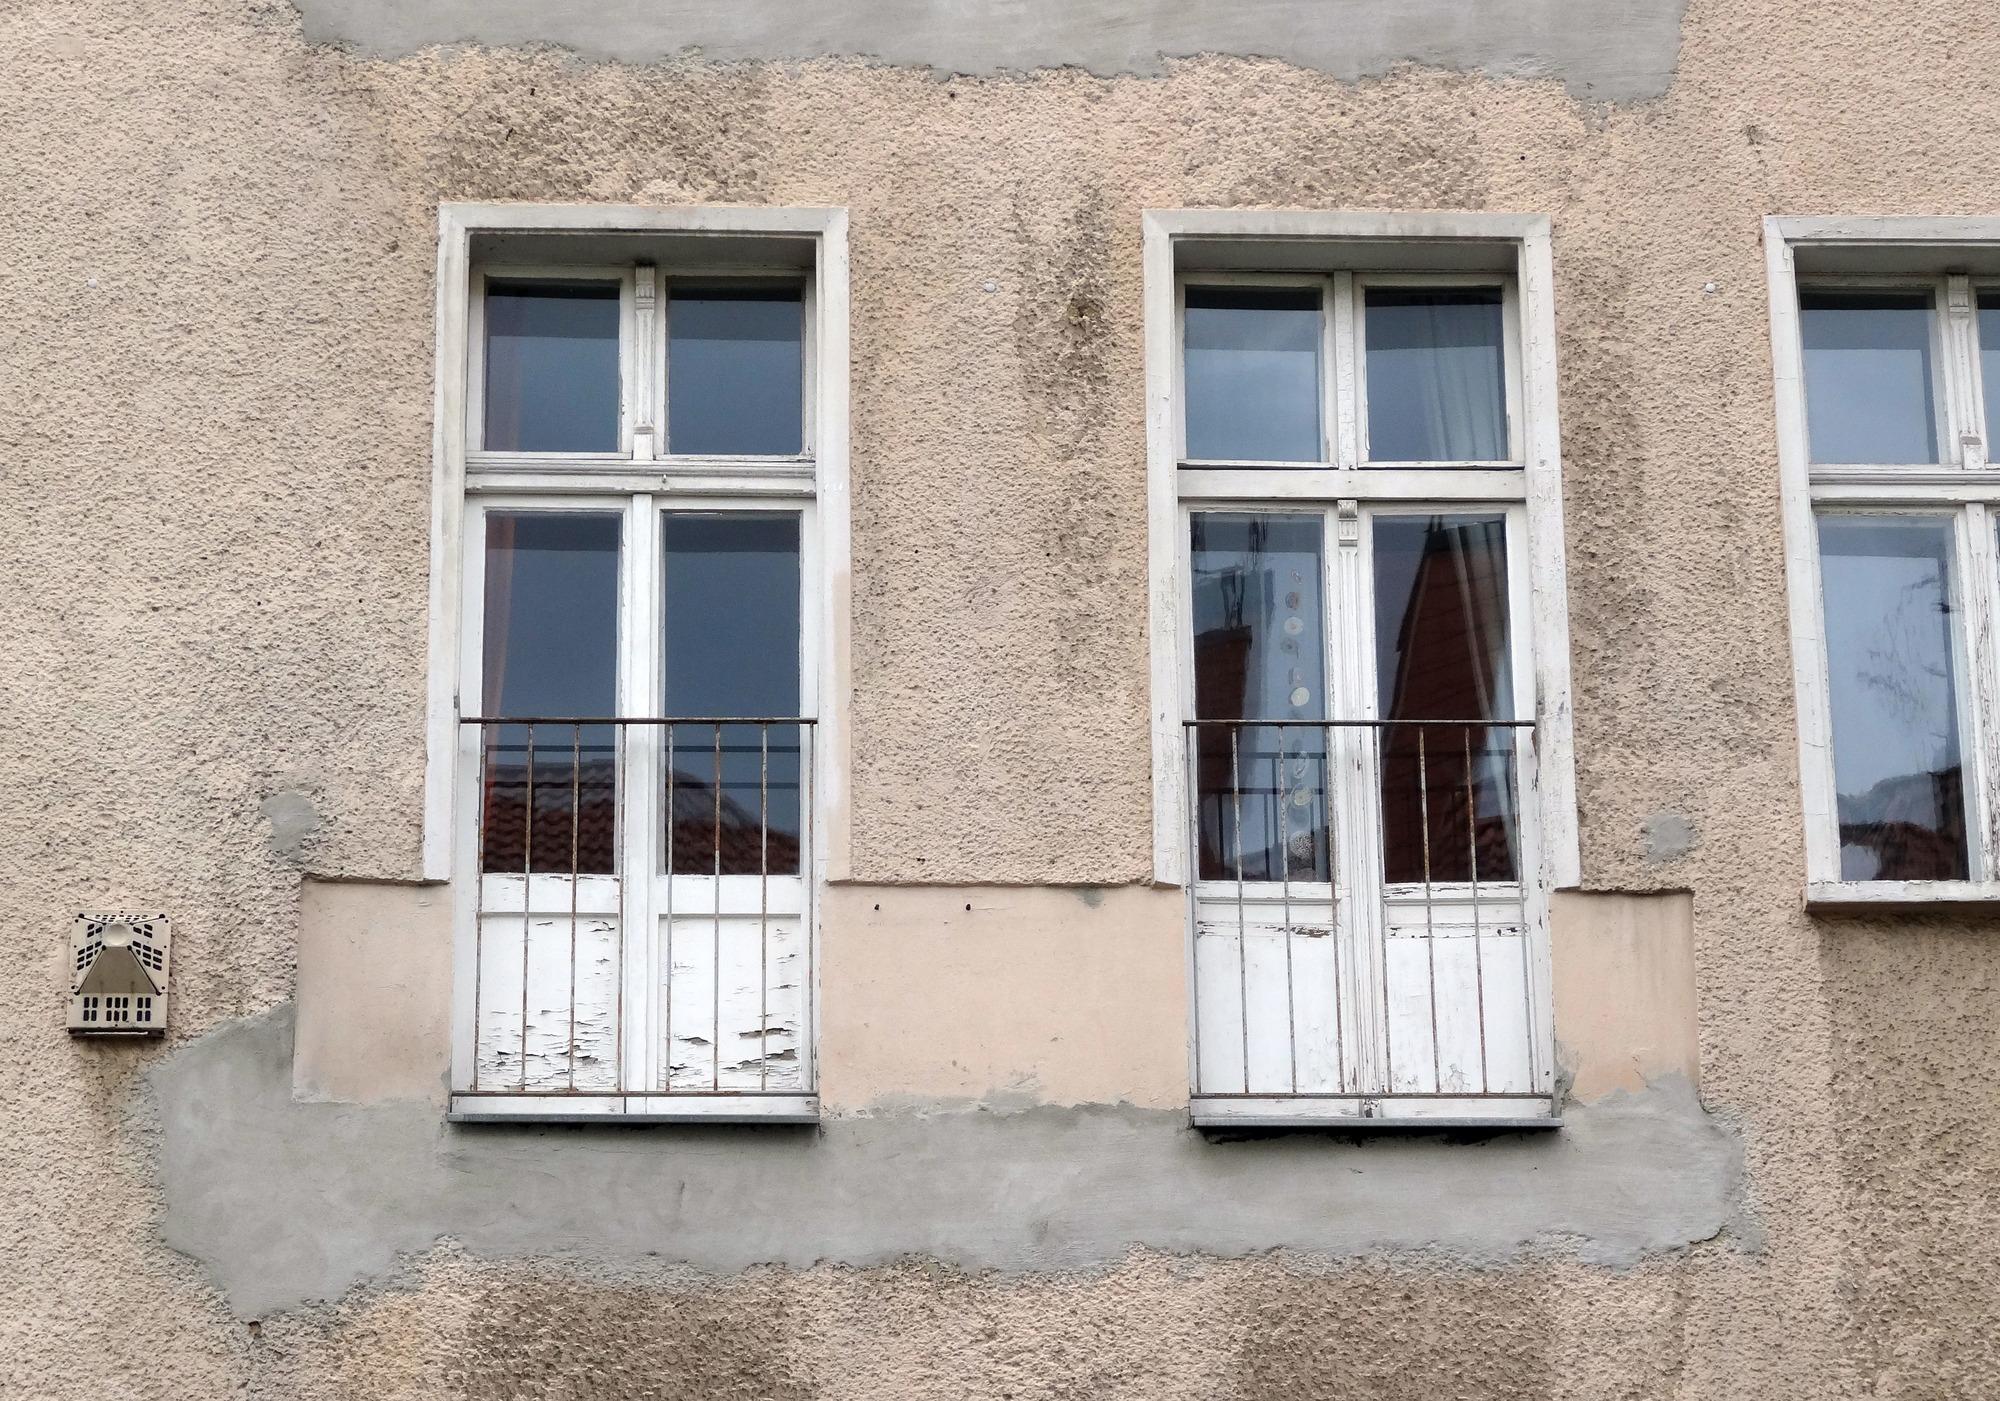 Alte Häuser: Umbau oder Abriss? - Haus & Garten - Rhein Neckar Zeitung